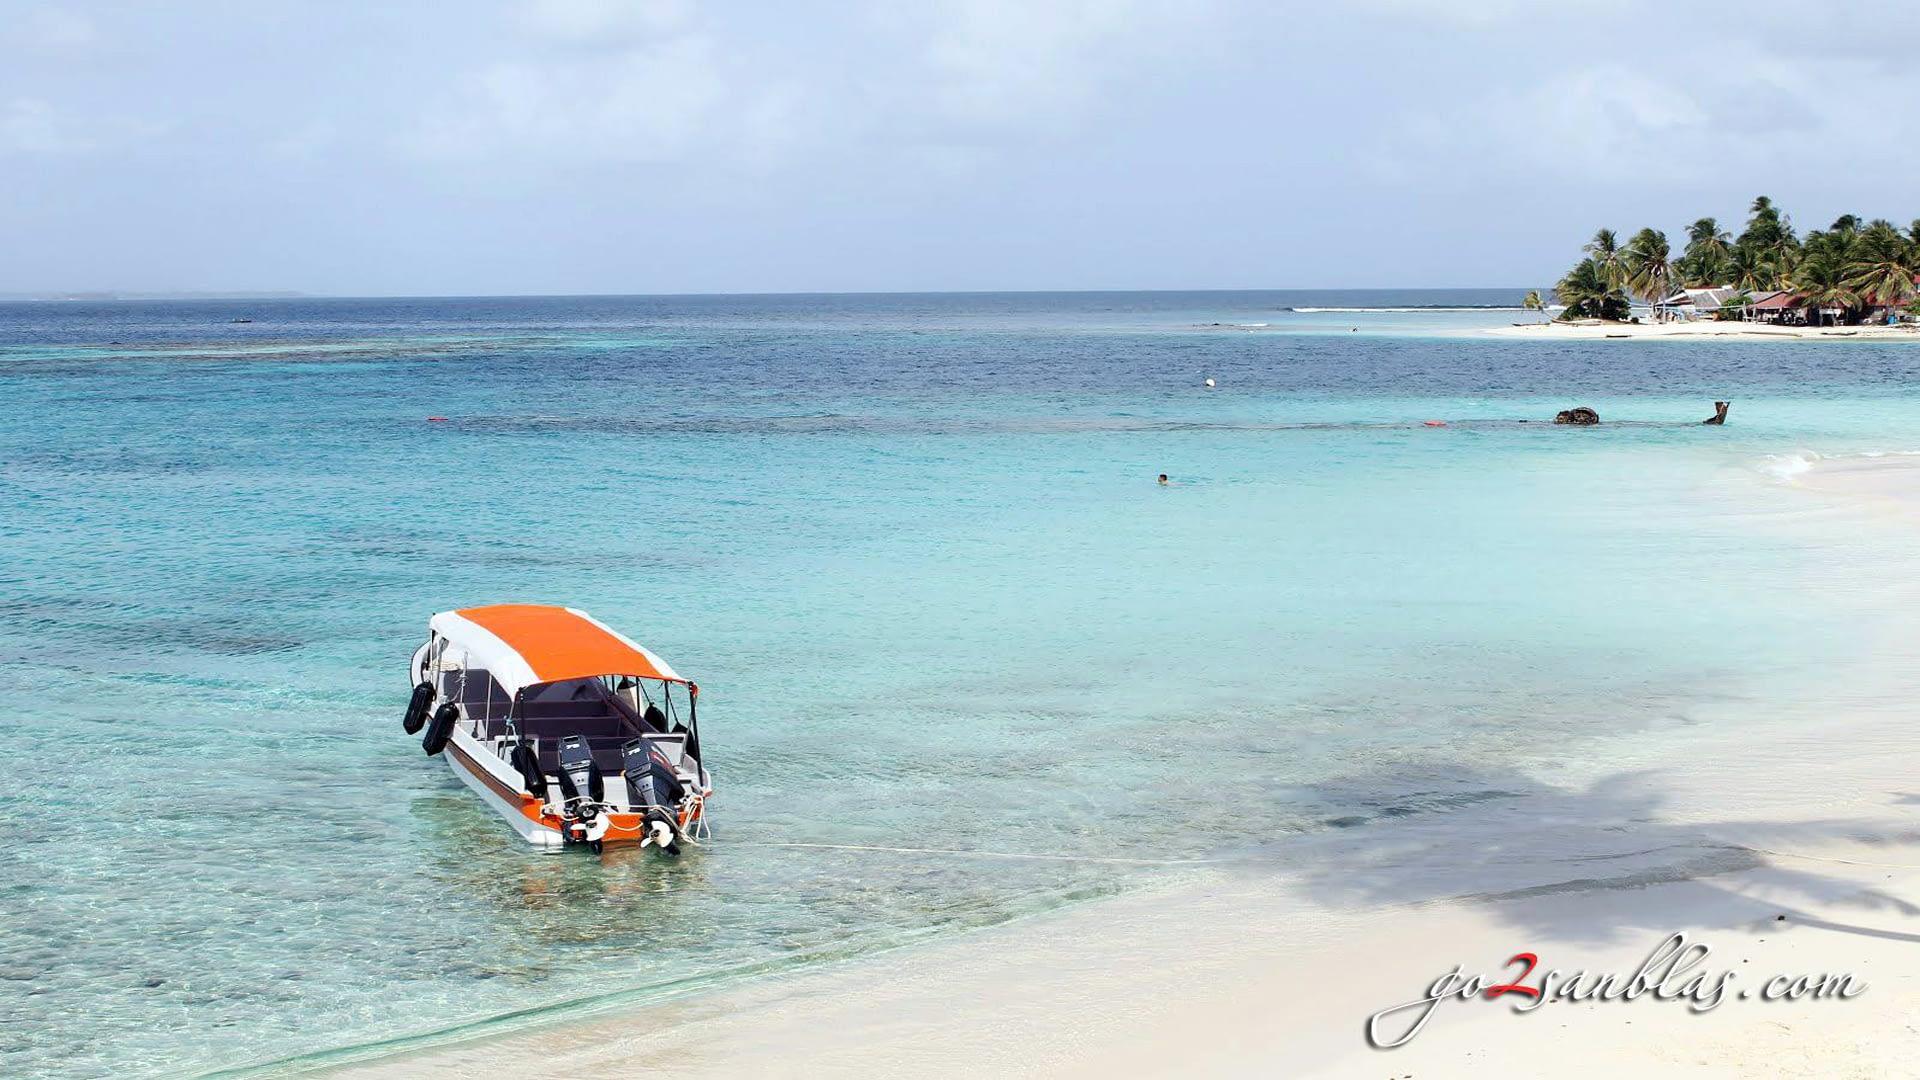 Barco anclado en la Playa de la Isla Assudub Bibbi